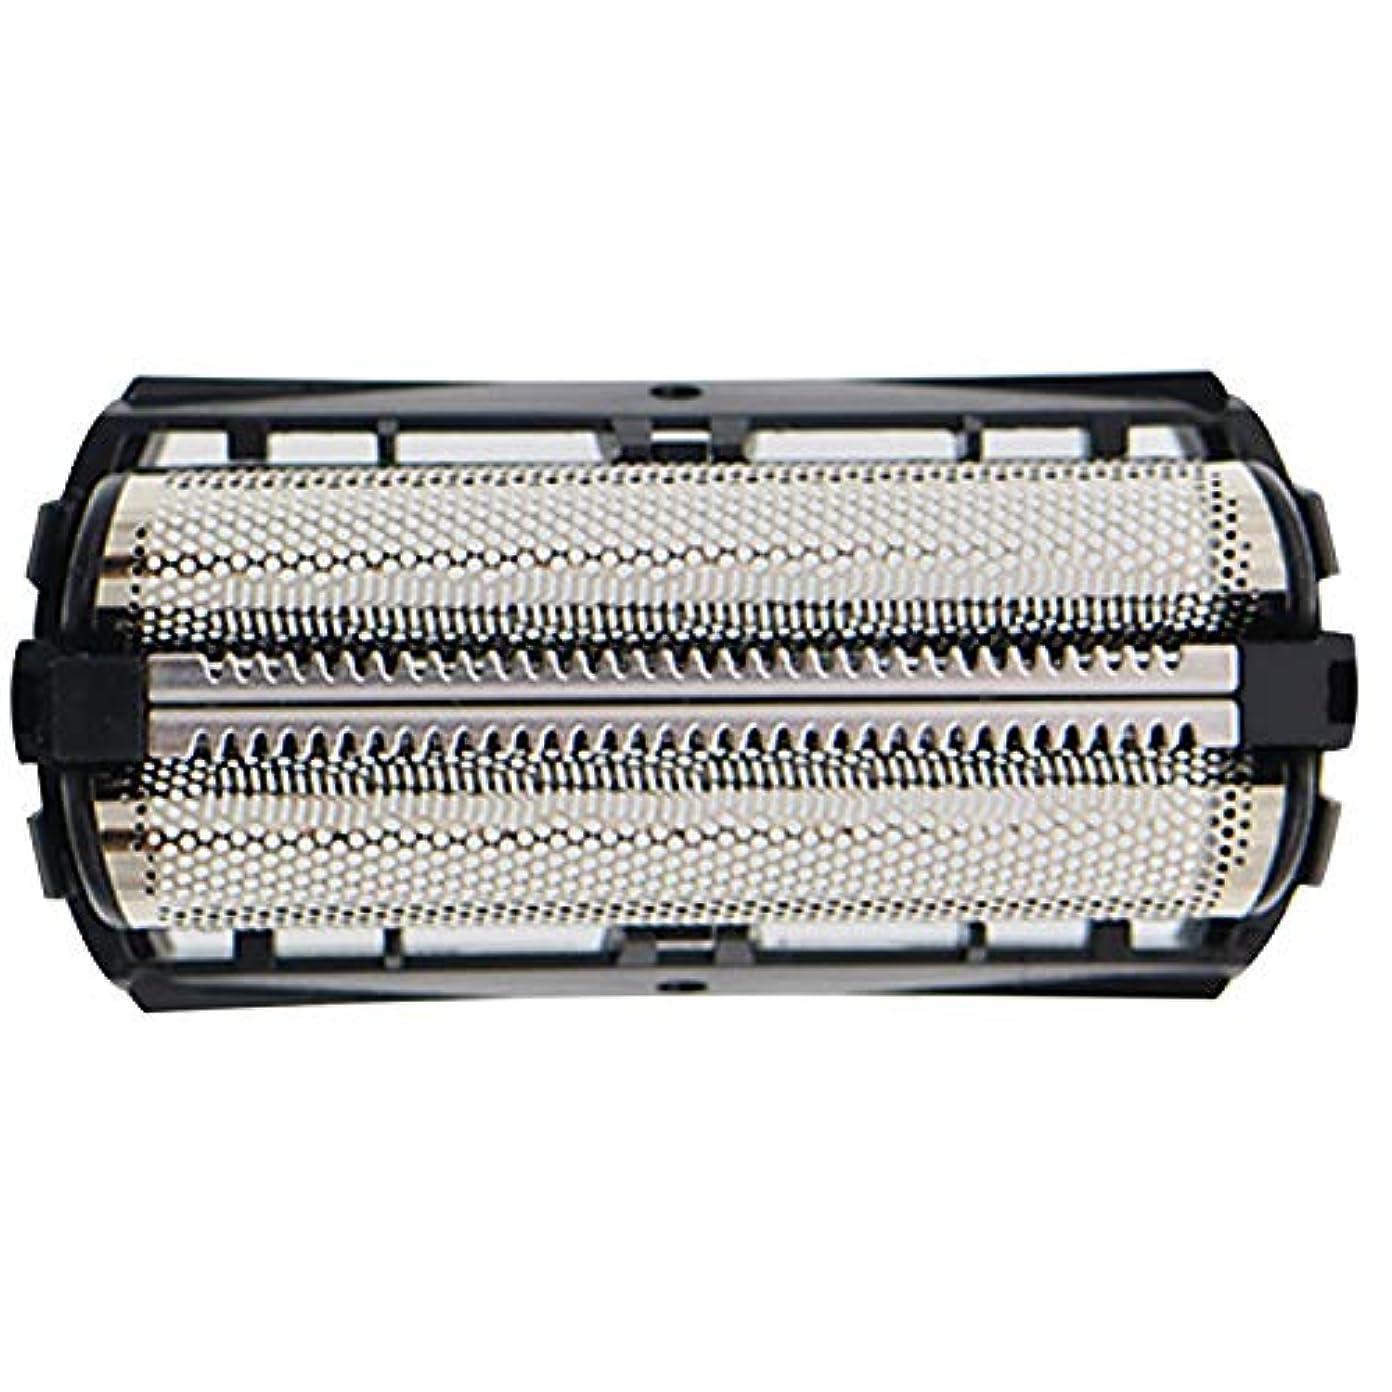 寛容な幸福同様のWyFun シェーバー替刃 適用 フィリップスQC5550用交換シェーバーフォイル/カッターユニットシェーバーヘッドQC5580メンズトリマー用回転ブレード